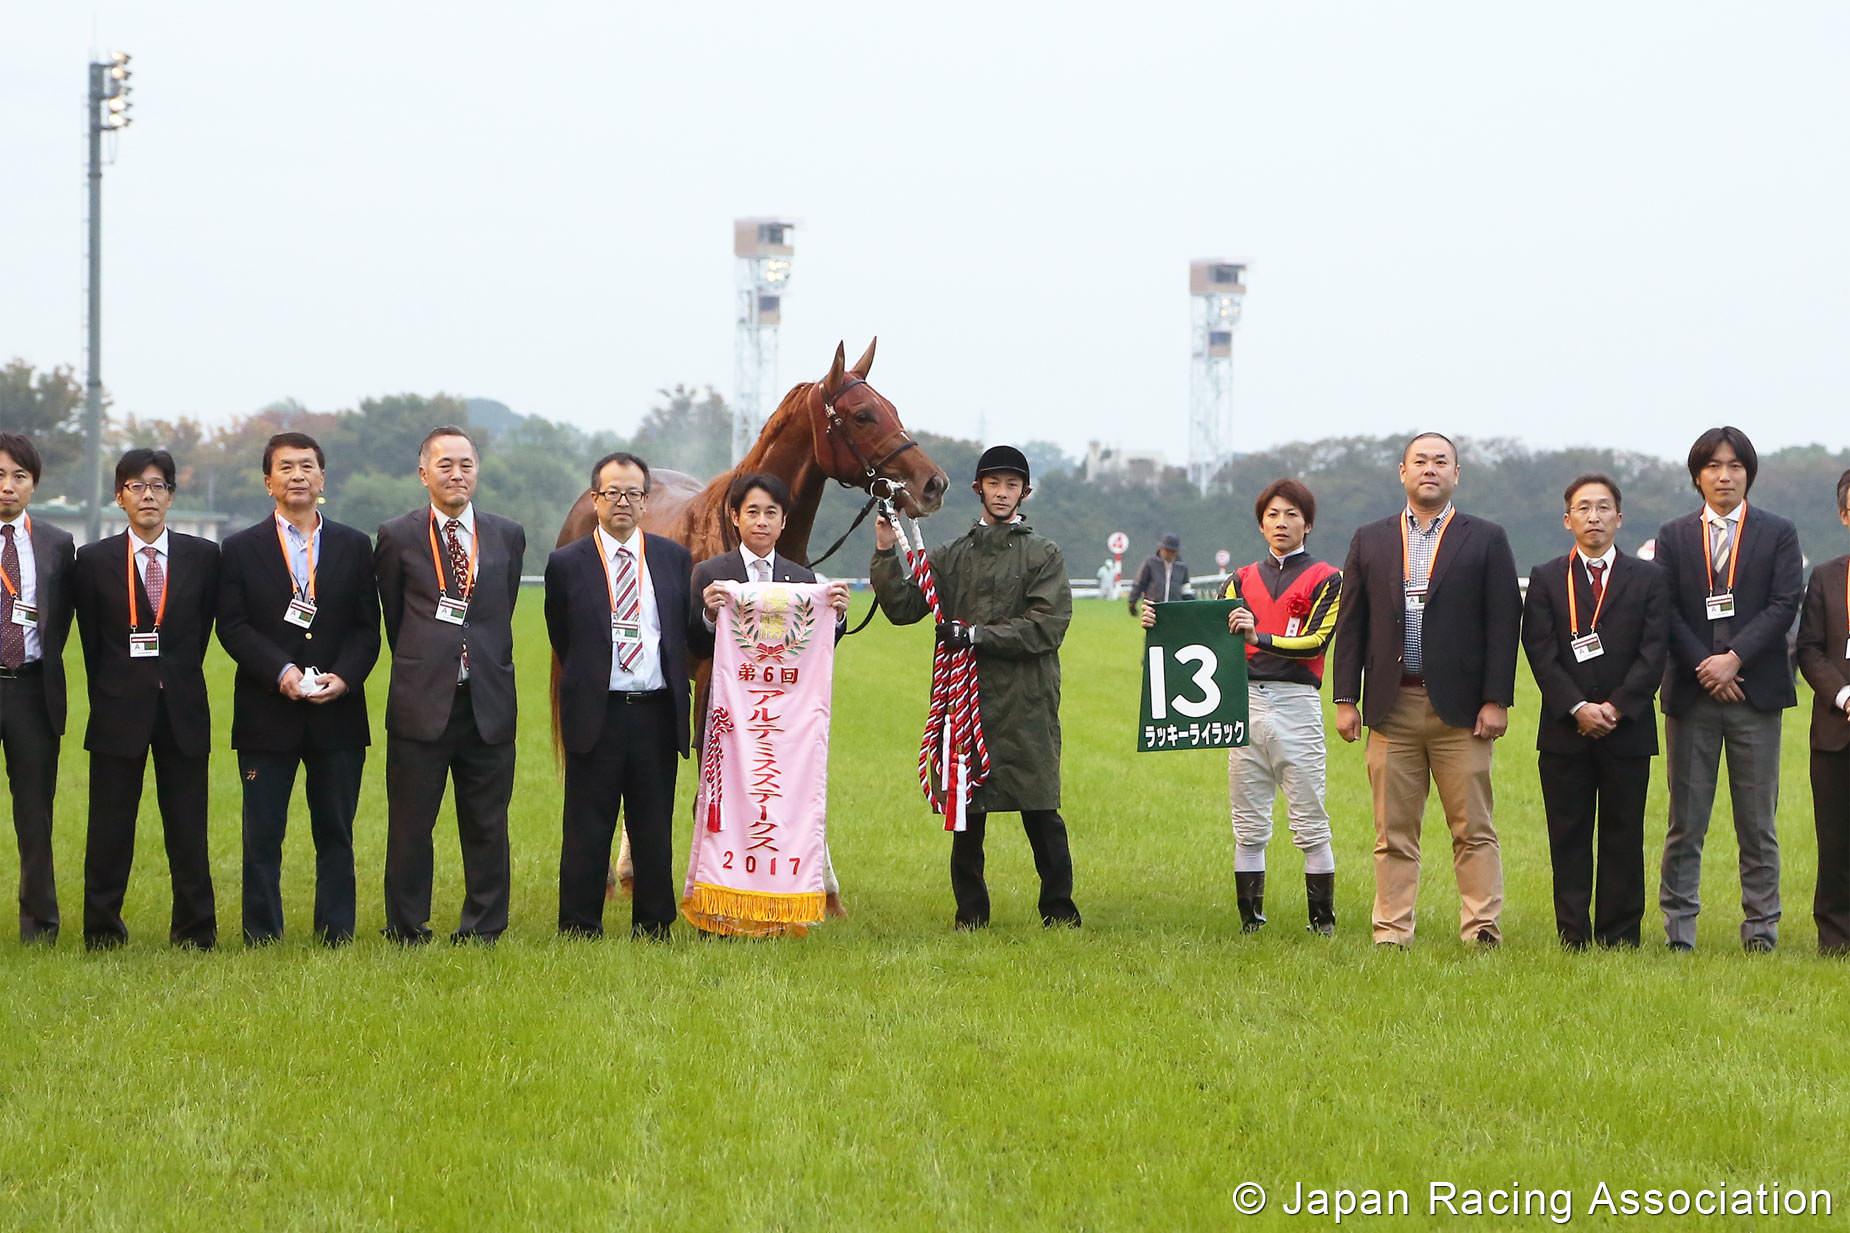 ラッキーライラックが力強く差し切り重賞制覇 © JRA